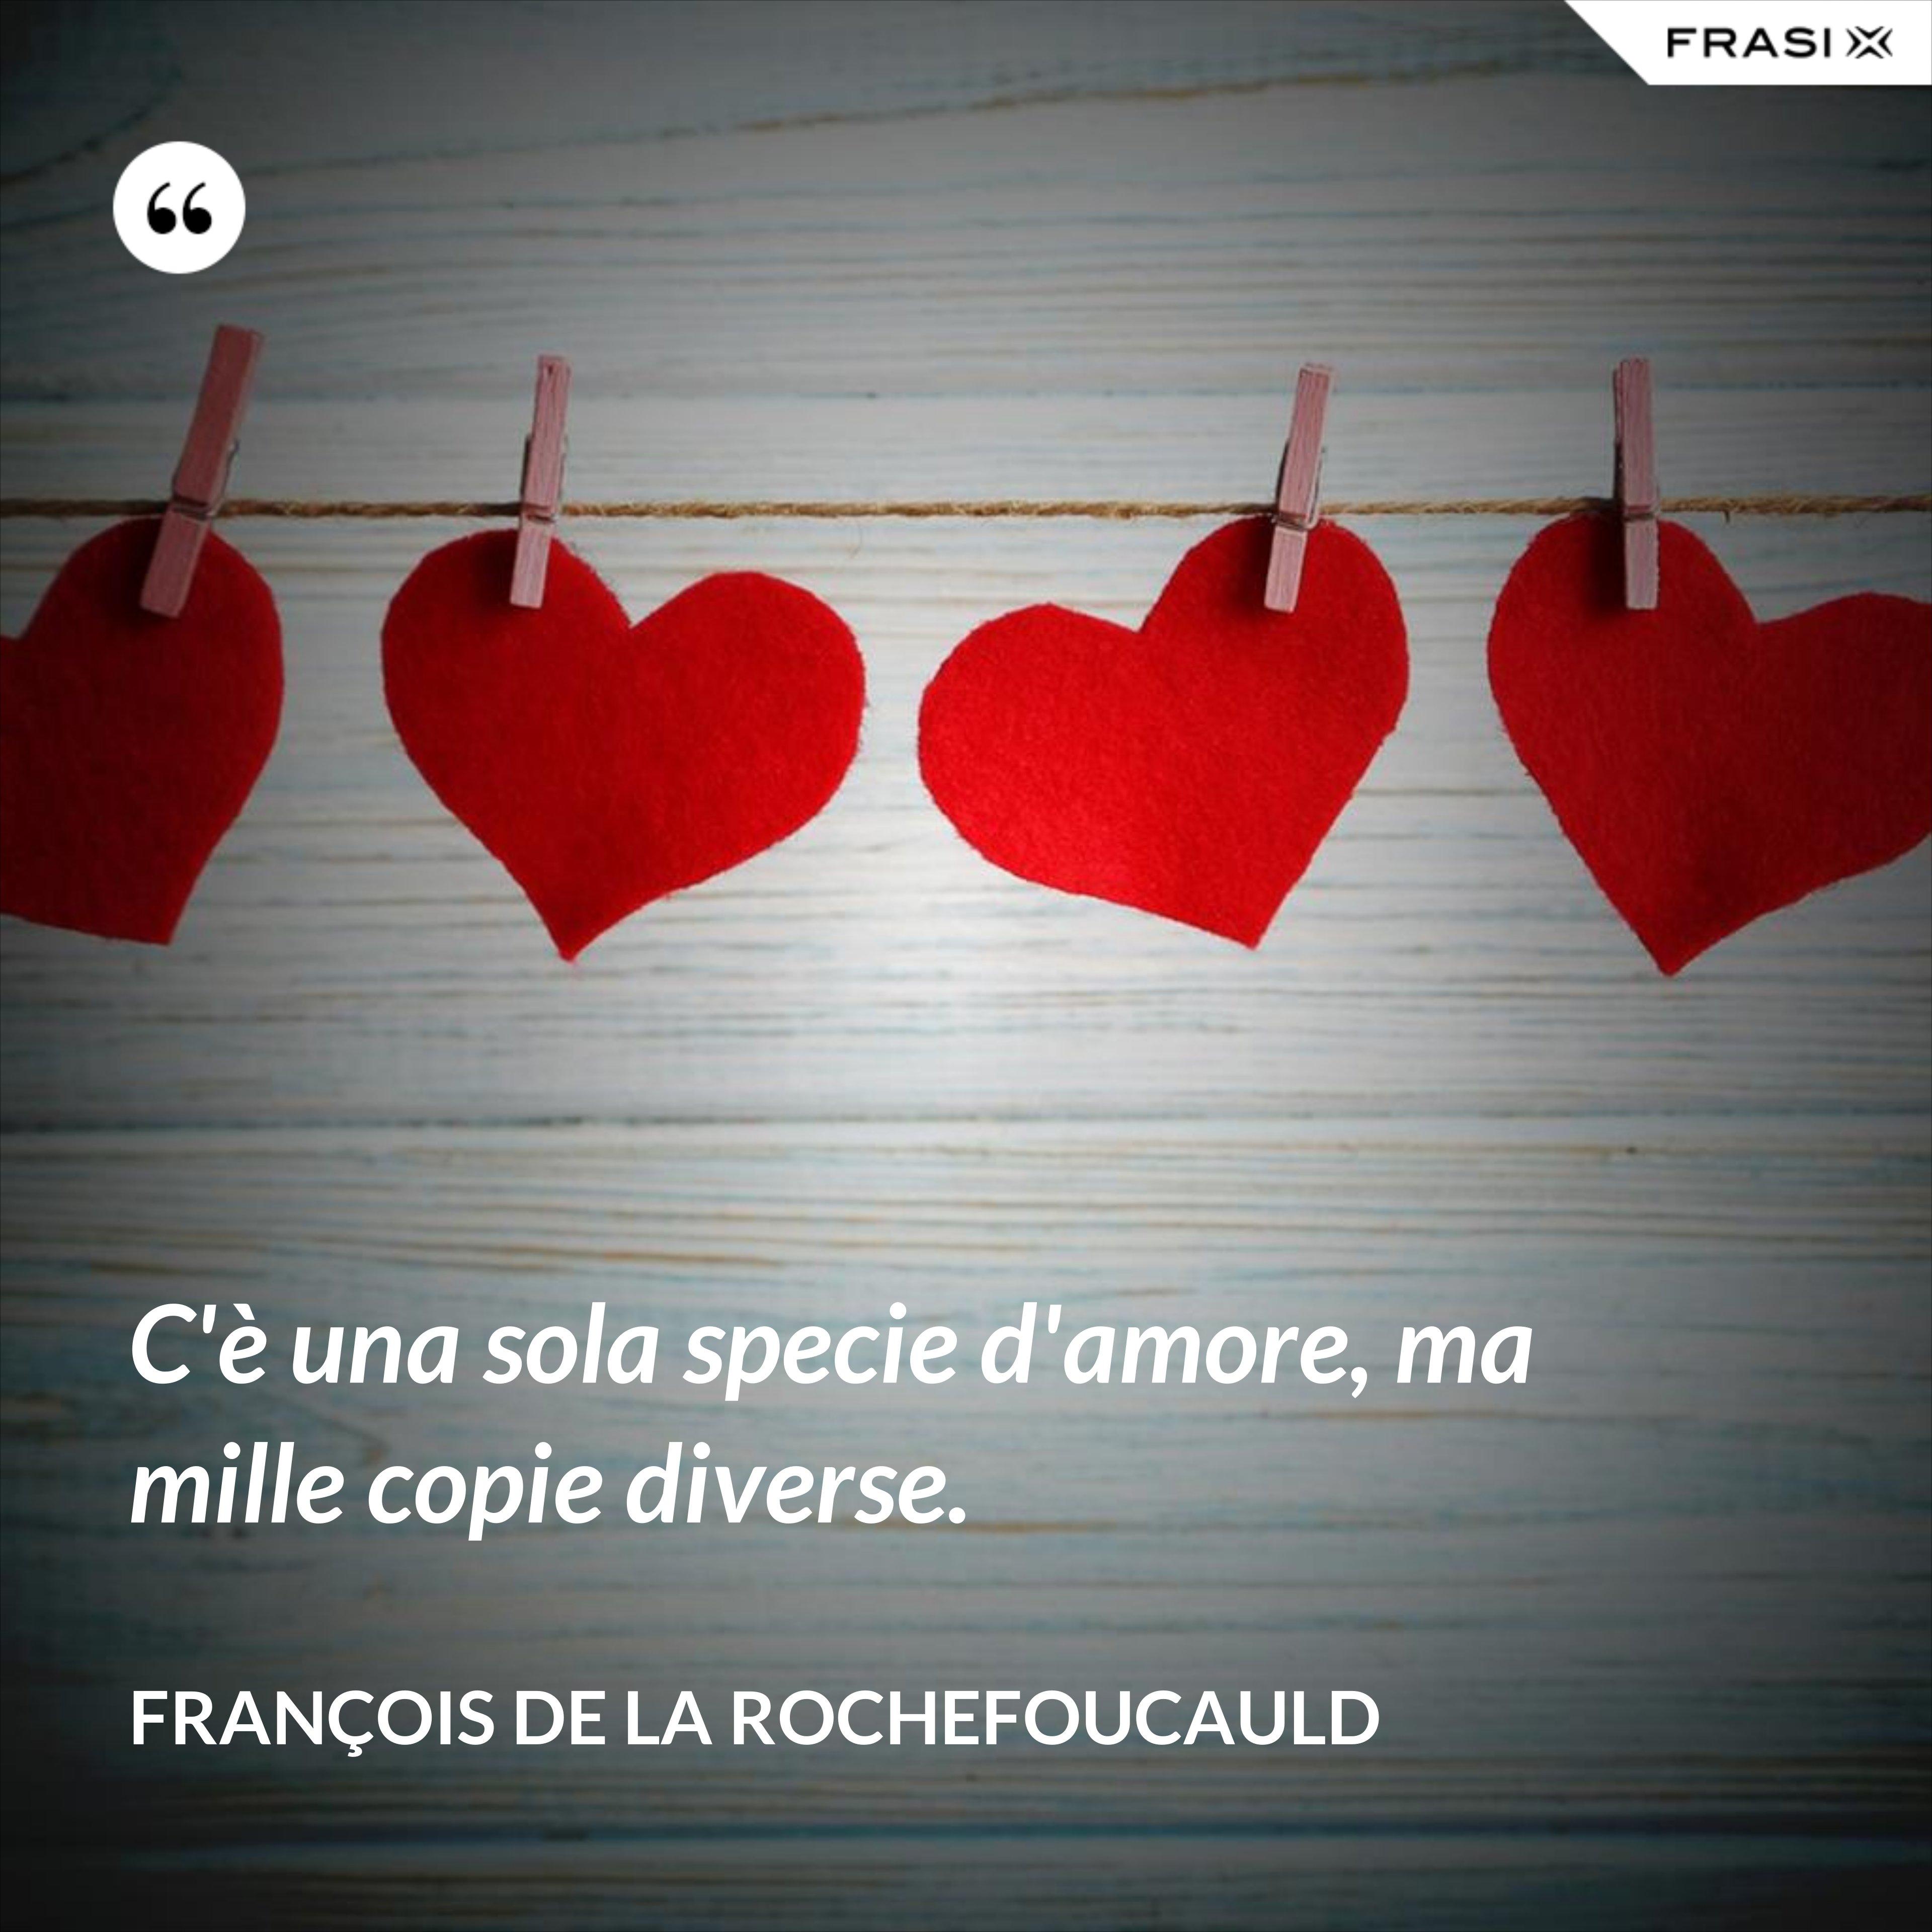 C'è una sola specie d'amore, ma mille copie diverse. - François de La Rochefoucauld